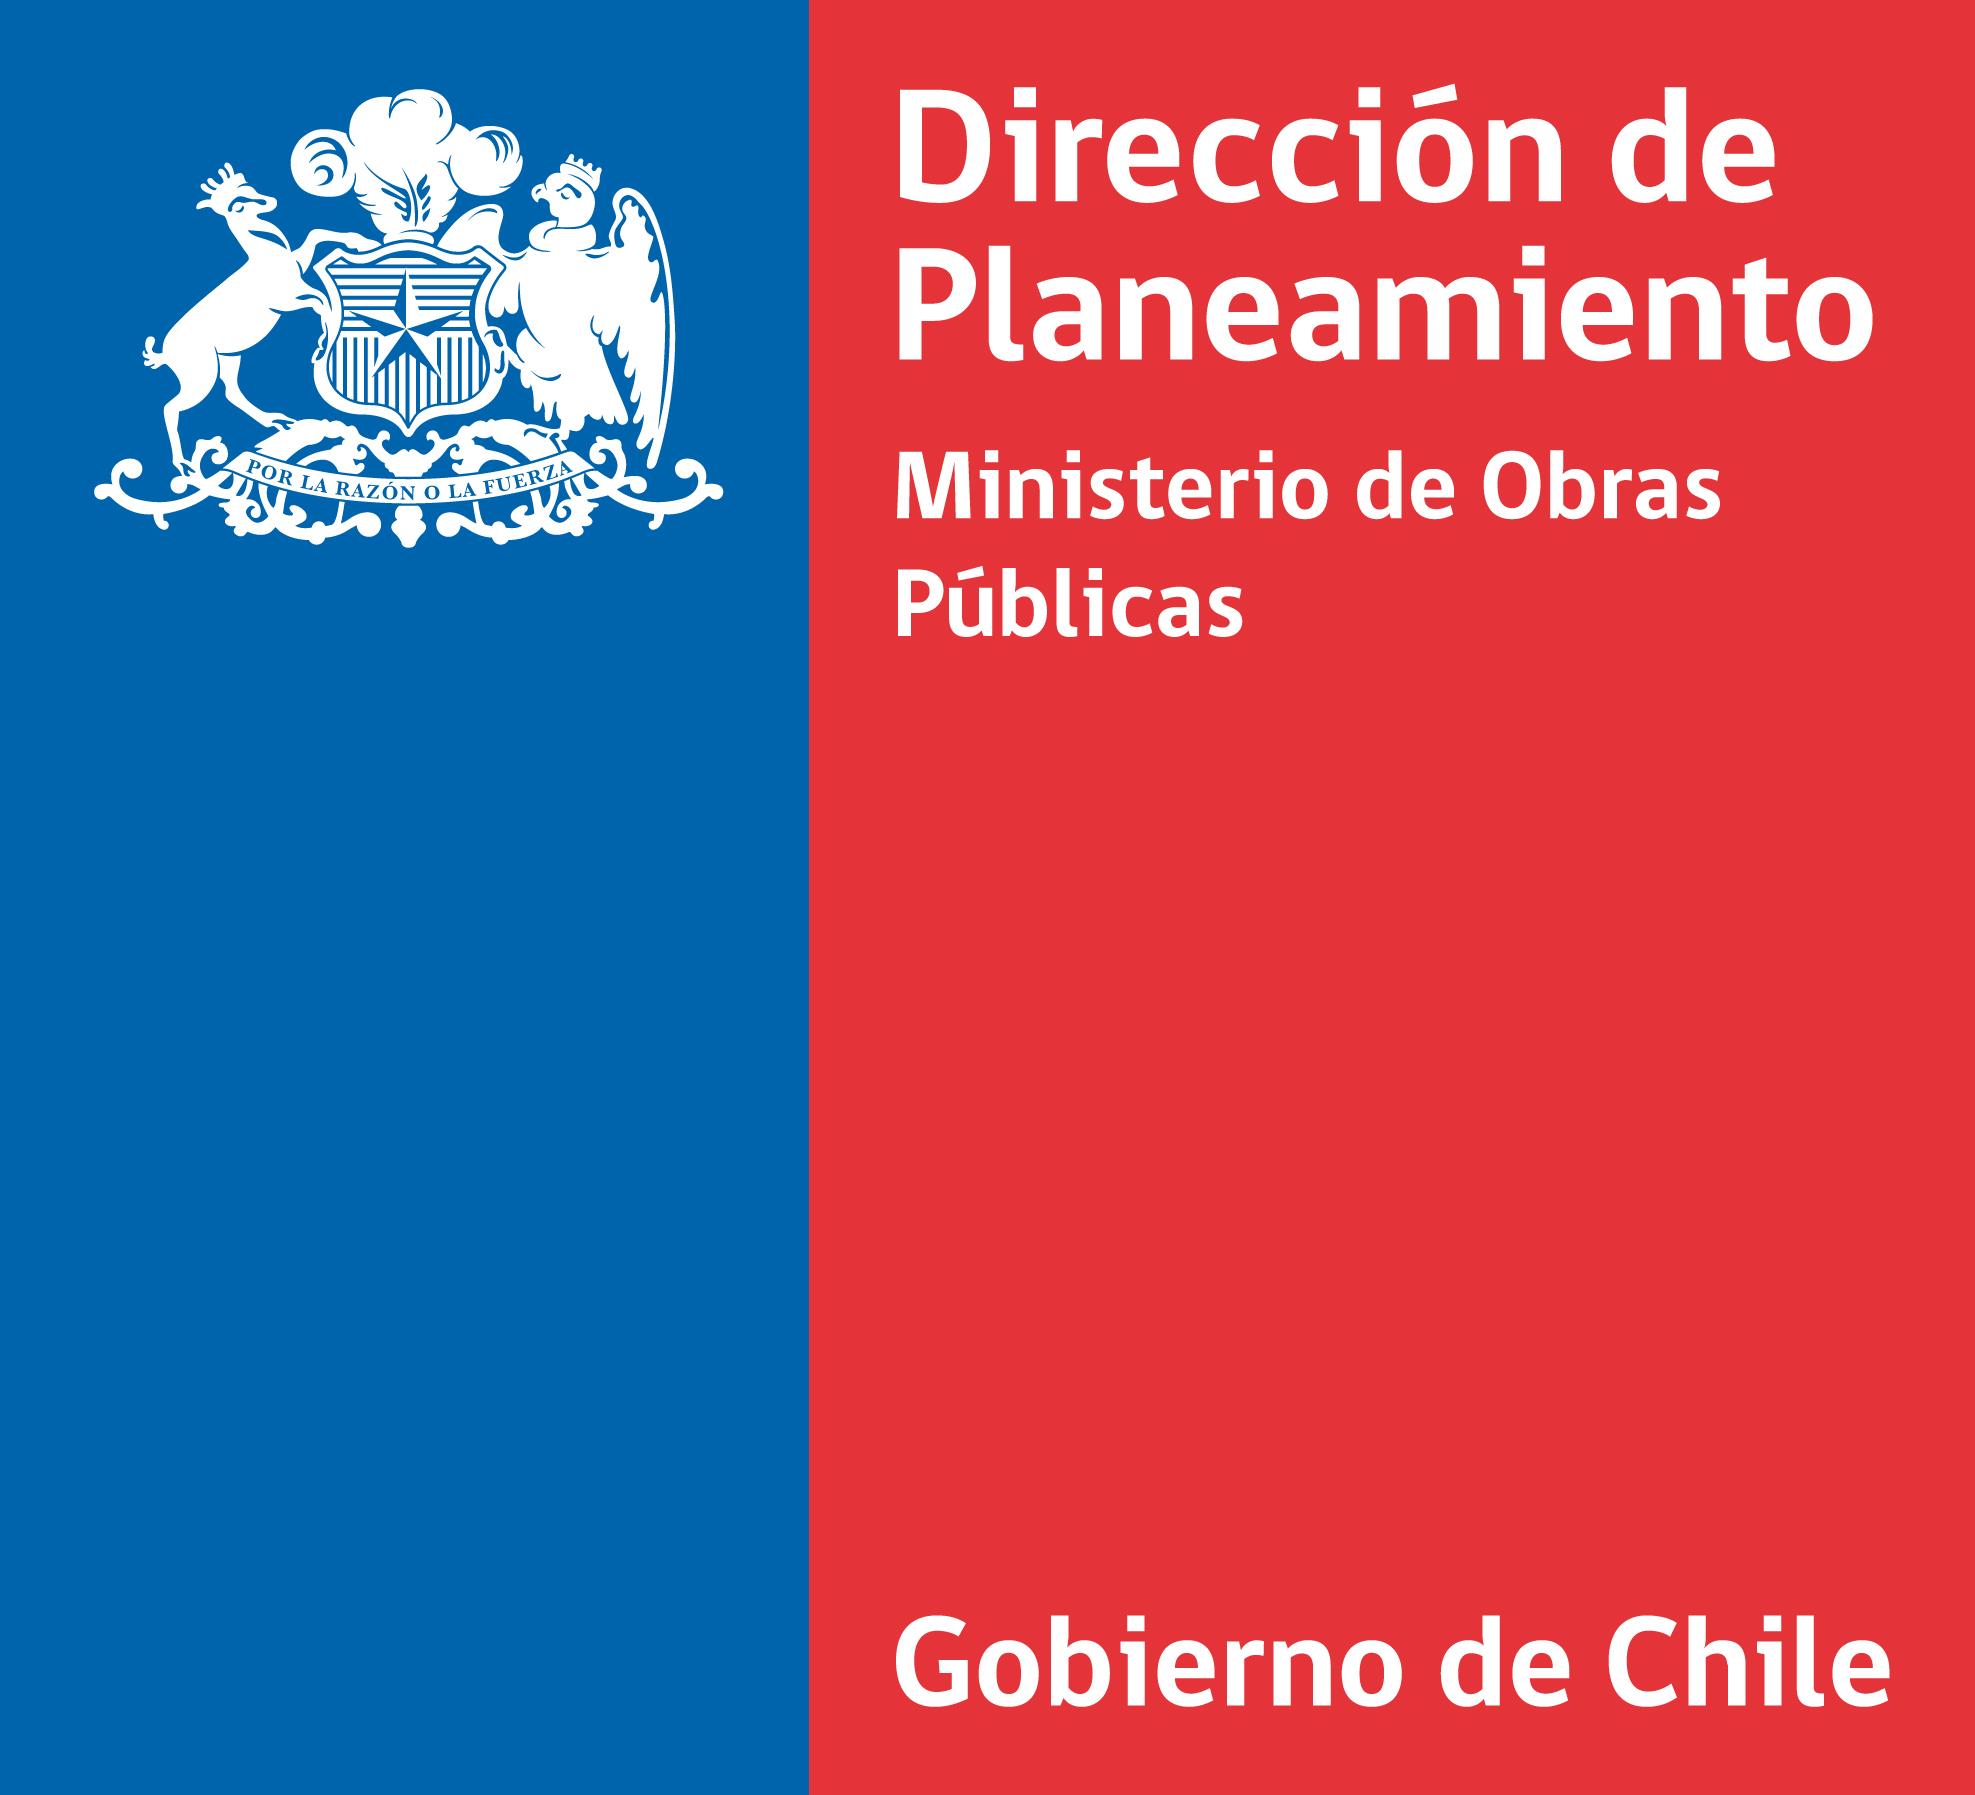 Logo of Dirección de Planeamiento